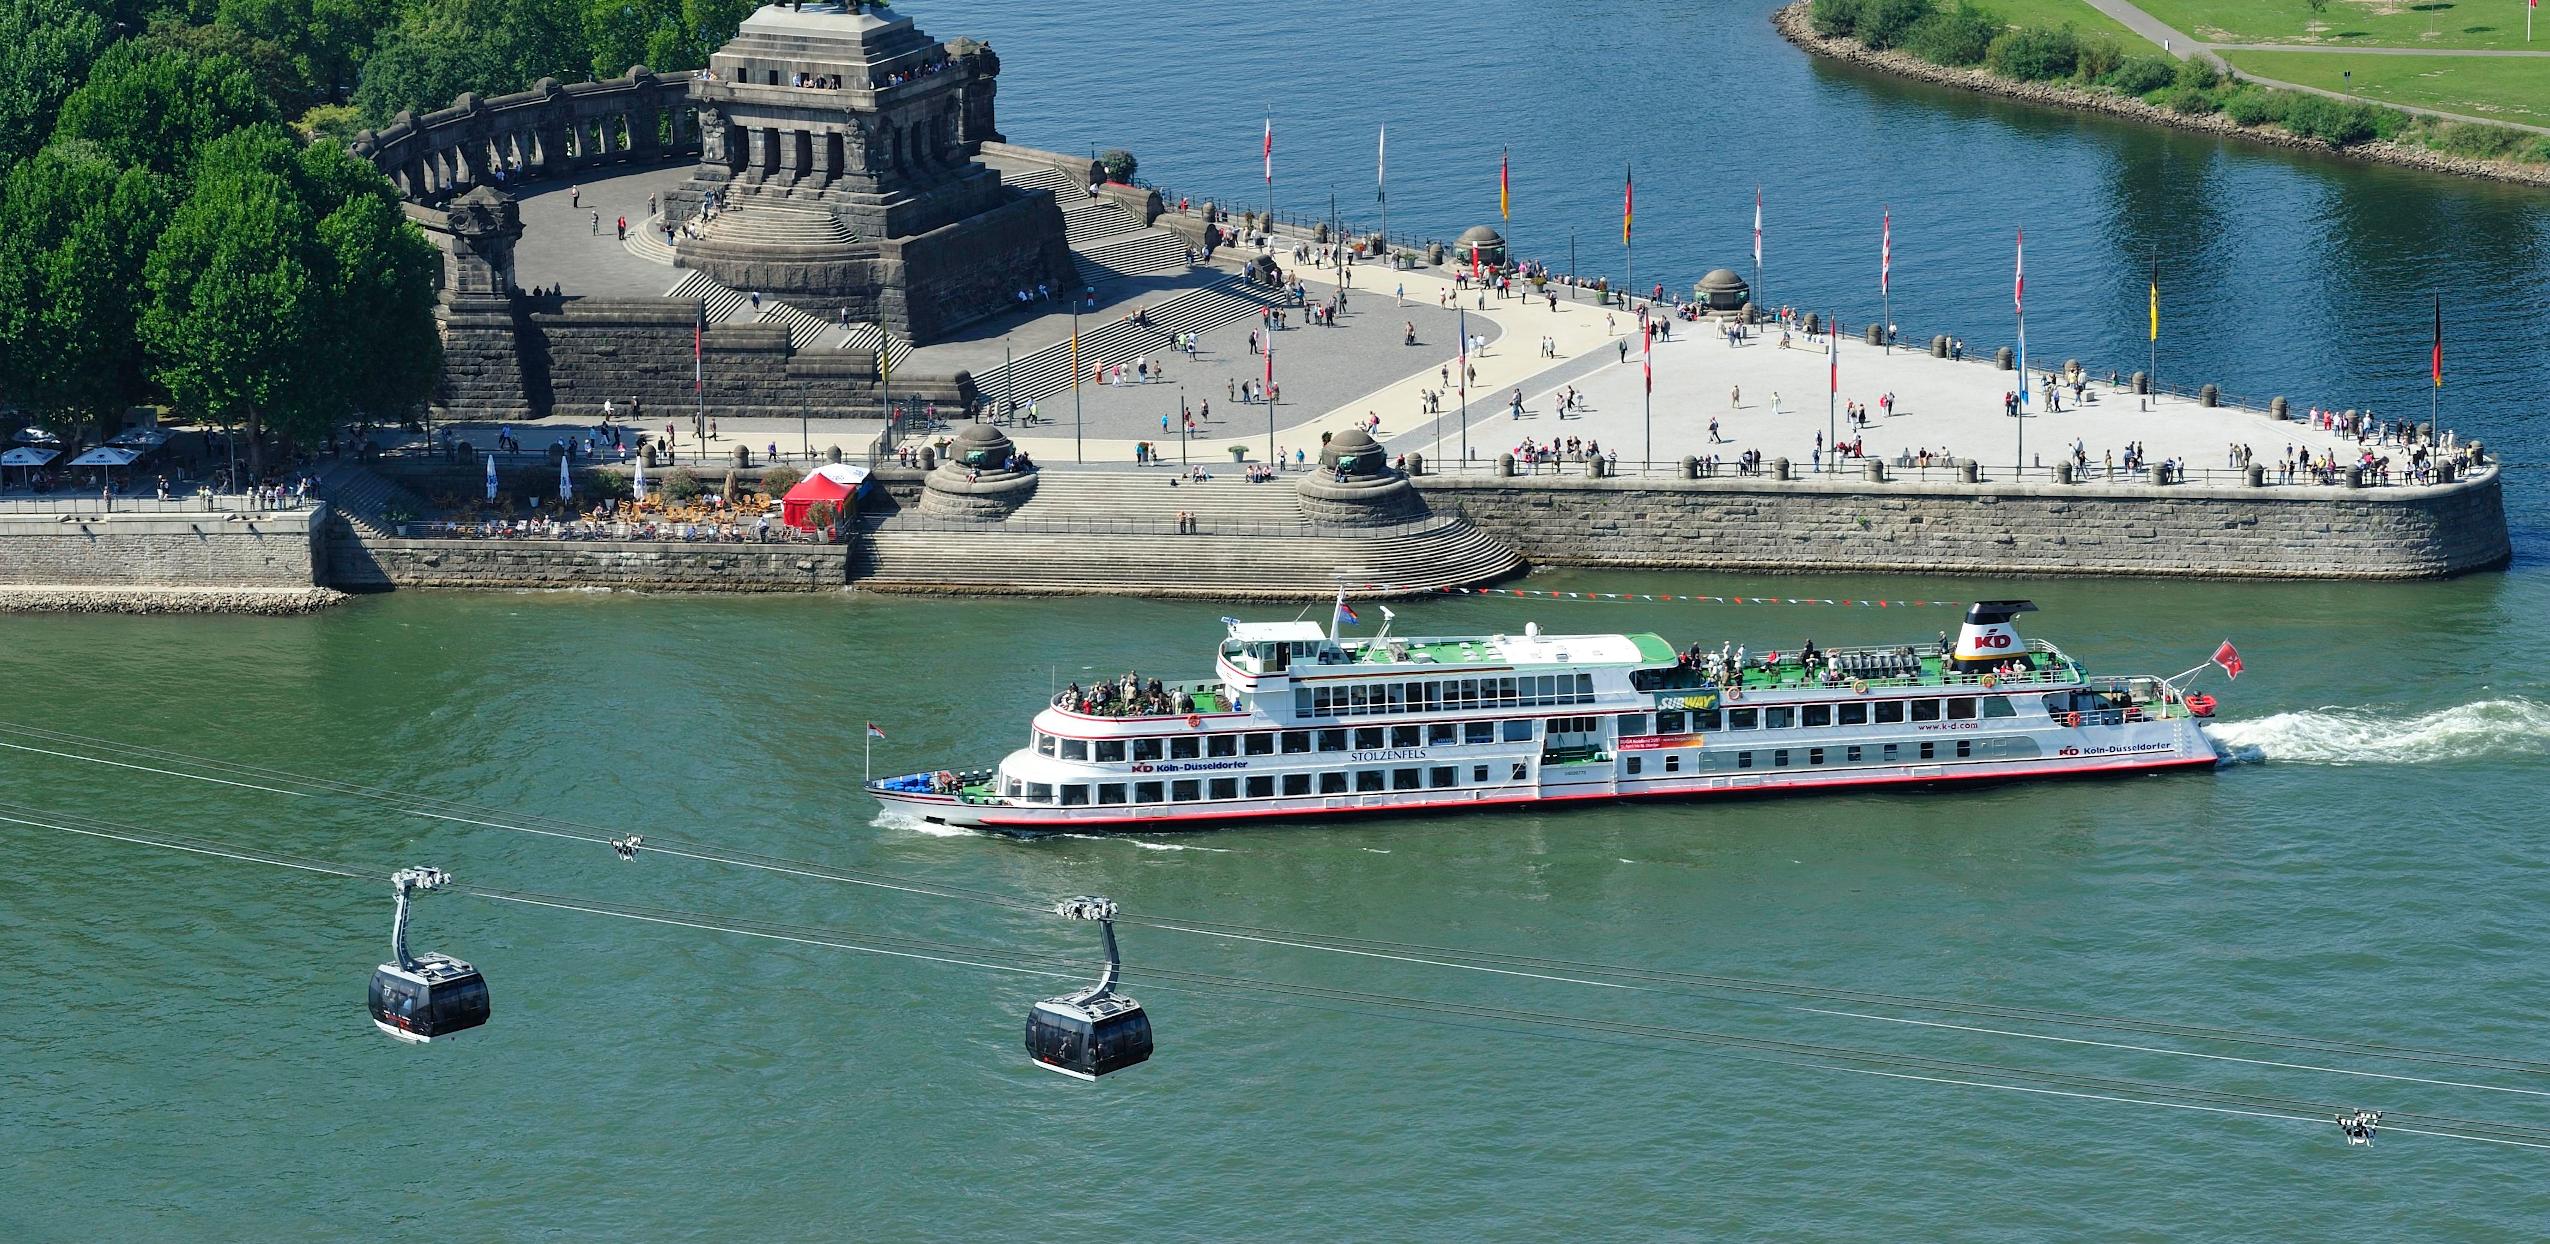 Blick von der Festung Ehrenbreitstein auf das deutsche Eck (Koblenz). Man sieht zwei Gondeln der Seilbahn und ein Besucherschiff auf dem Rhein.